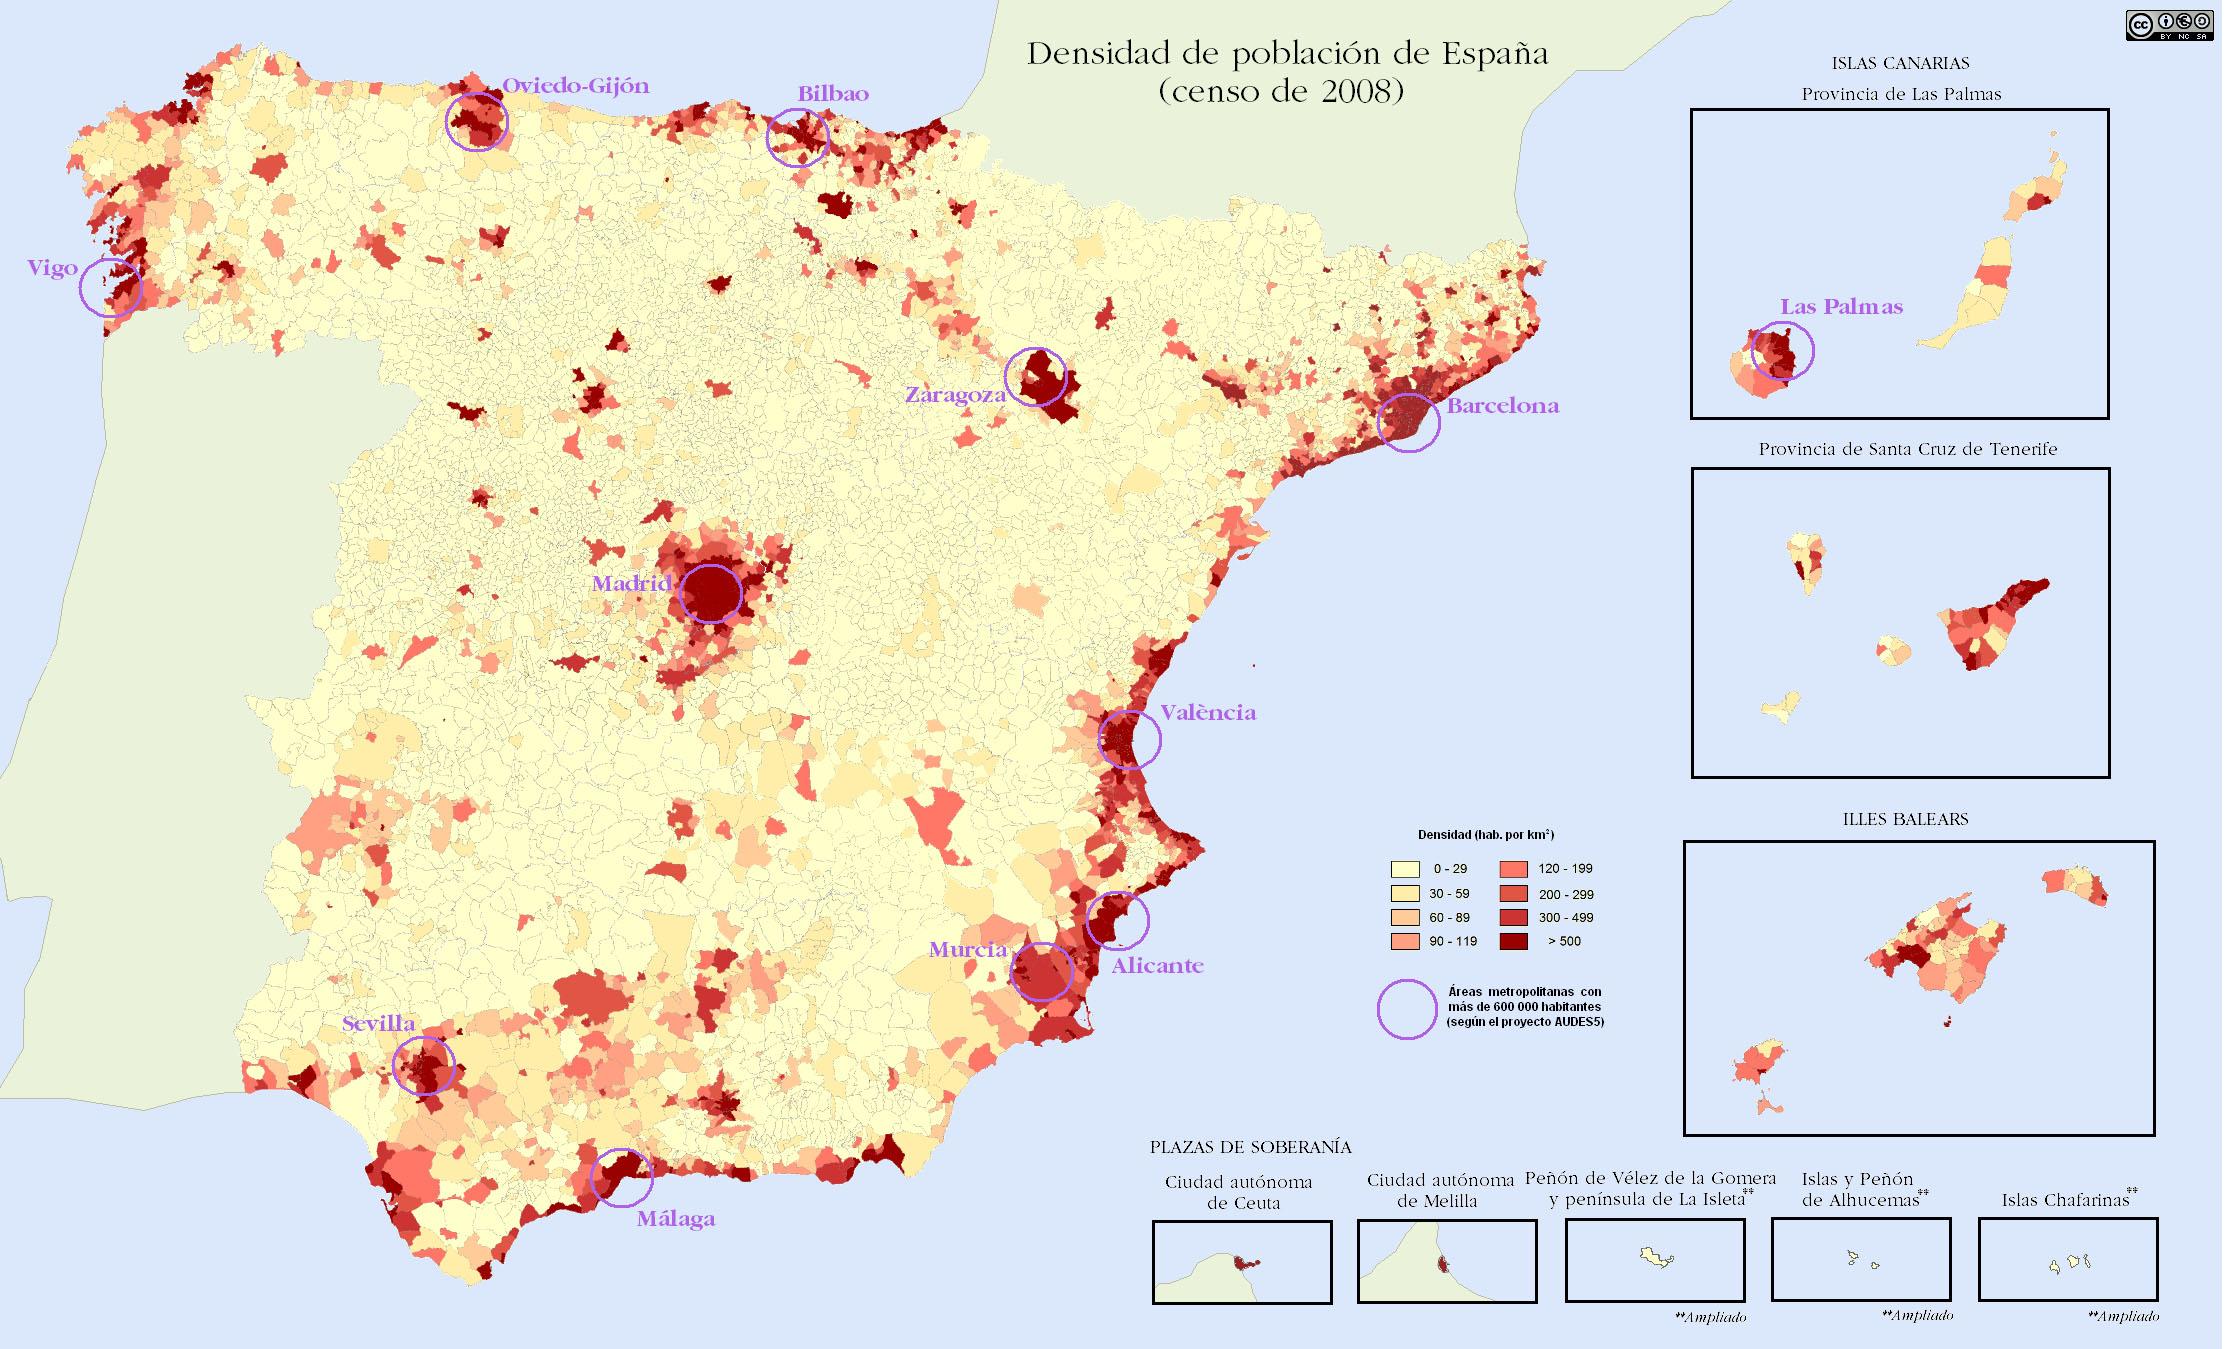 Densidad de población en España 2009